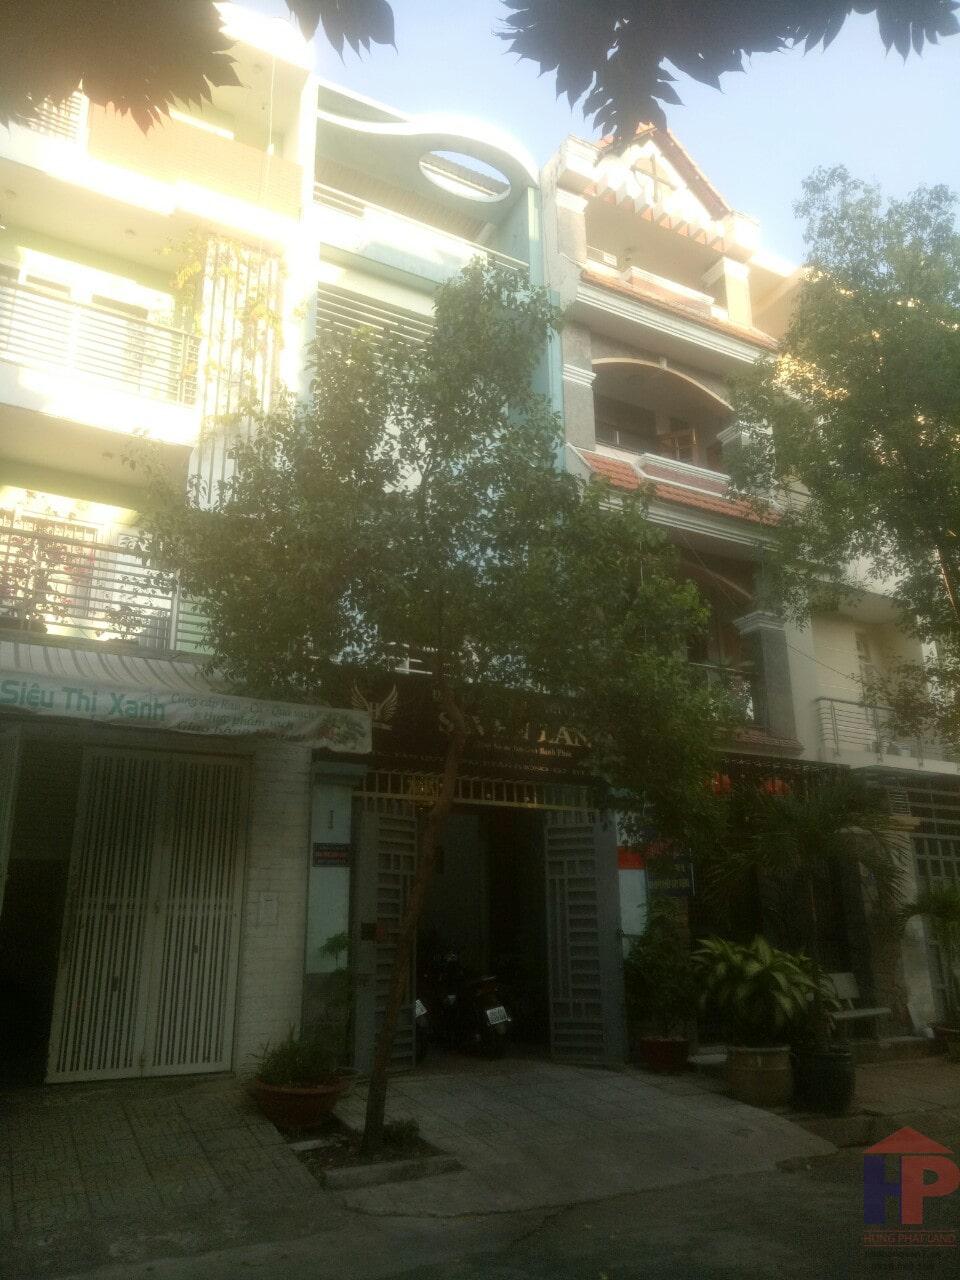 Bán nhà đường số 43 Phường Tân Phong Quận 7, DT 300m2, giá 12.3 tỷ